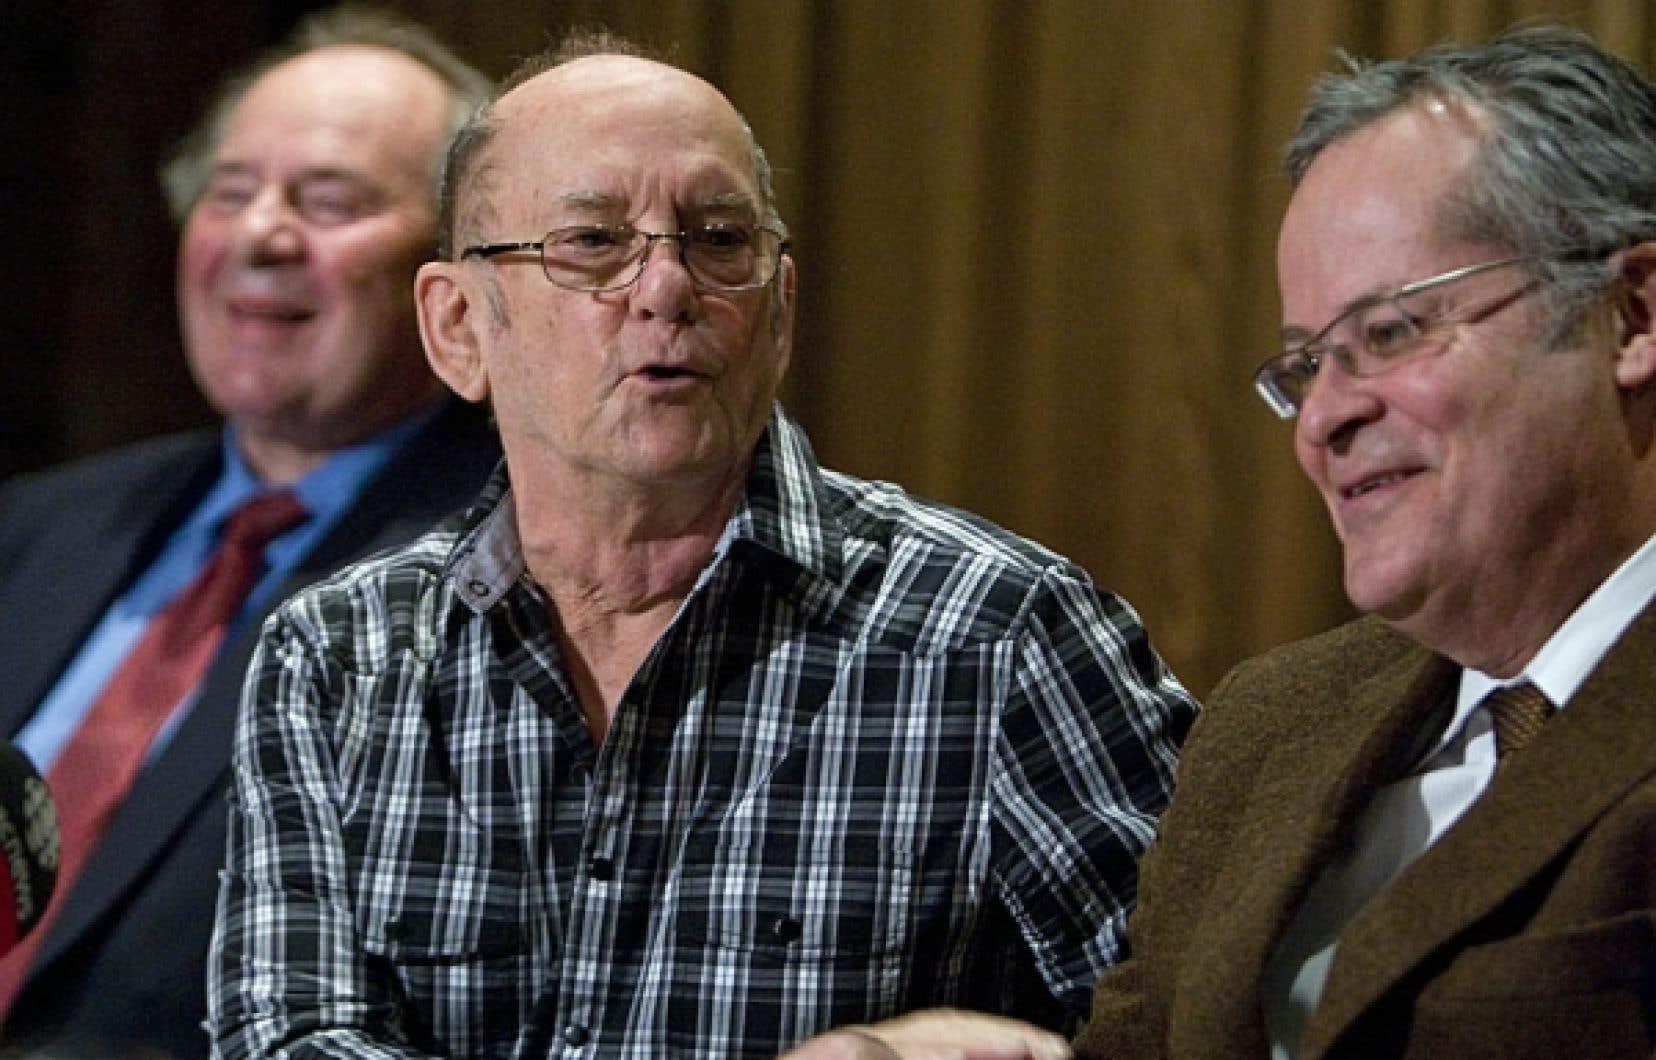 La création d'un fonds d'indemnisation éviterait désormais les frustrations d'un nouveau Norbourg. De gauche à droite sur la photo, le représentant des investisseurs dans Norbourg, Wilhelm Pellemans, une victime, Michel Vézina, et l'un de leurs avocats, Me Jacques Larochelle.